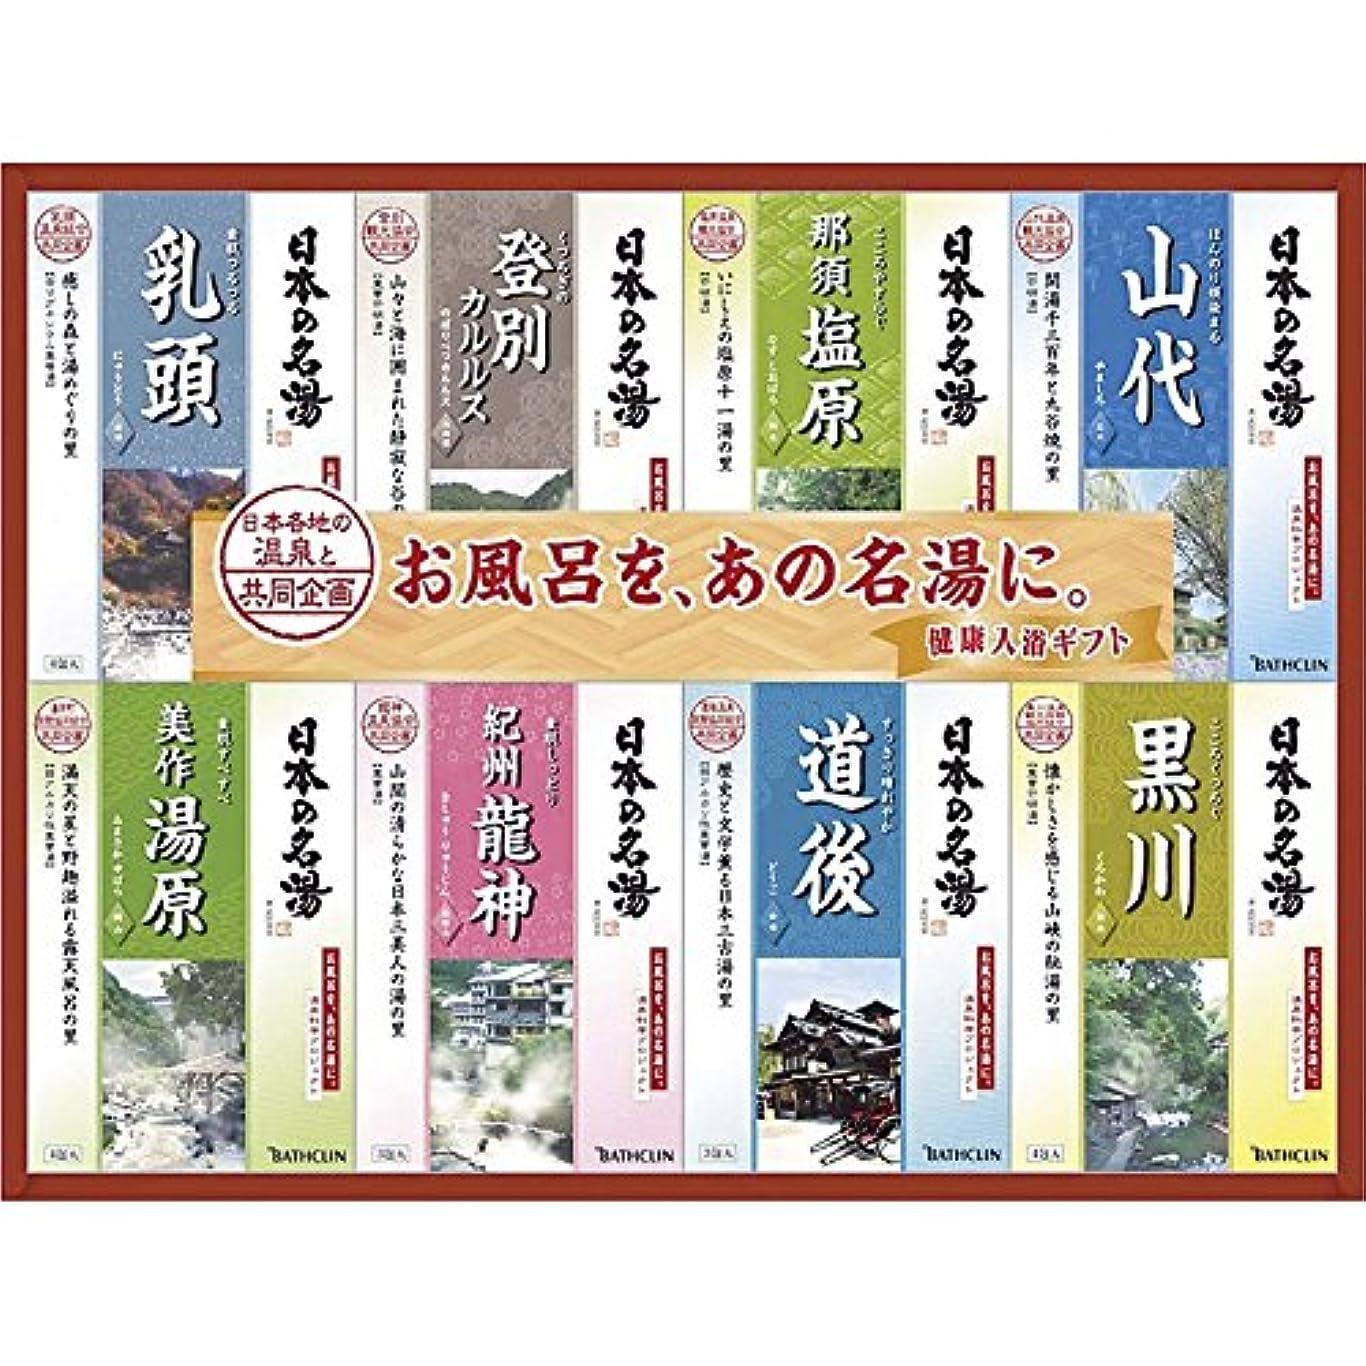 感じる咲くハックバスクリン 日本の名湯 ギフトセット NMG-30F 【個包装 セット 詰め合わせ 疲労回復 ご褒美 贅沢 プチギフト 温まる 温泉 粉 ご当地 まとめ買い 名湯 リラックス 美肌 つめあわせ やさしい やすらぎ】